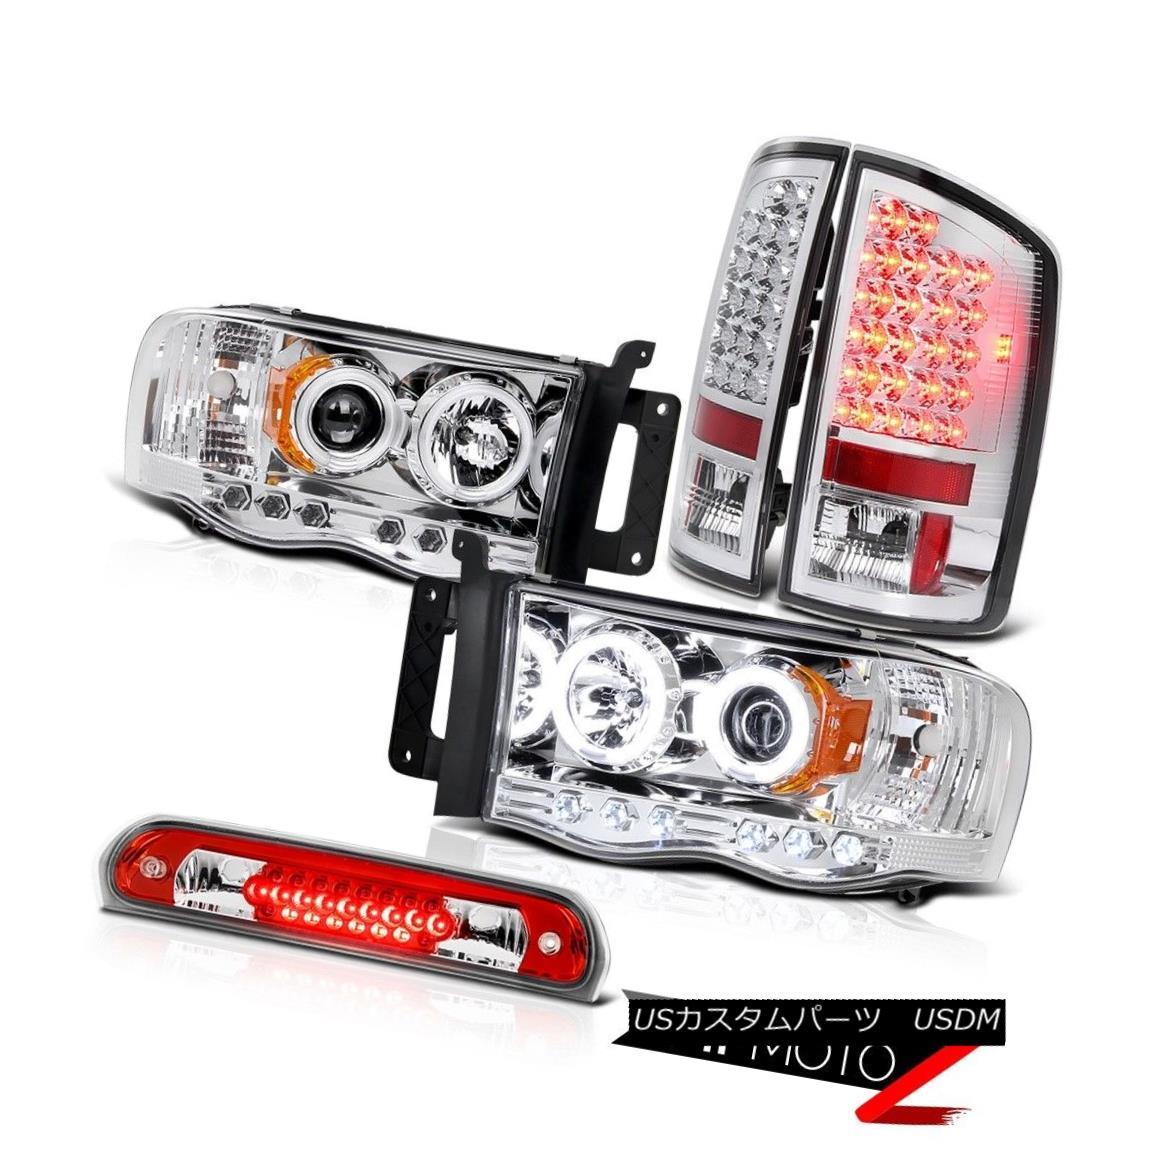 テールライト CCFL Ring Headlamps Chrome LED Taillights Wine Red Third 02 03 04 05 Ram SRT-10 CCFLリングヘッドライトクロームLED曇りワインレッドサード02 03 04 05ラムSRT-10